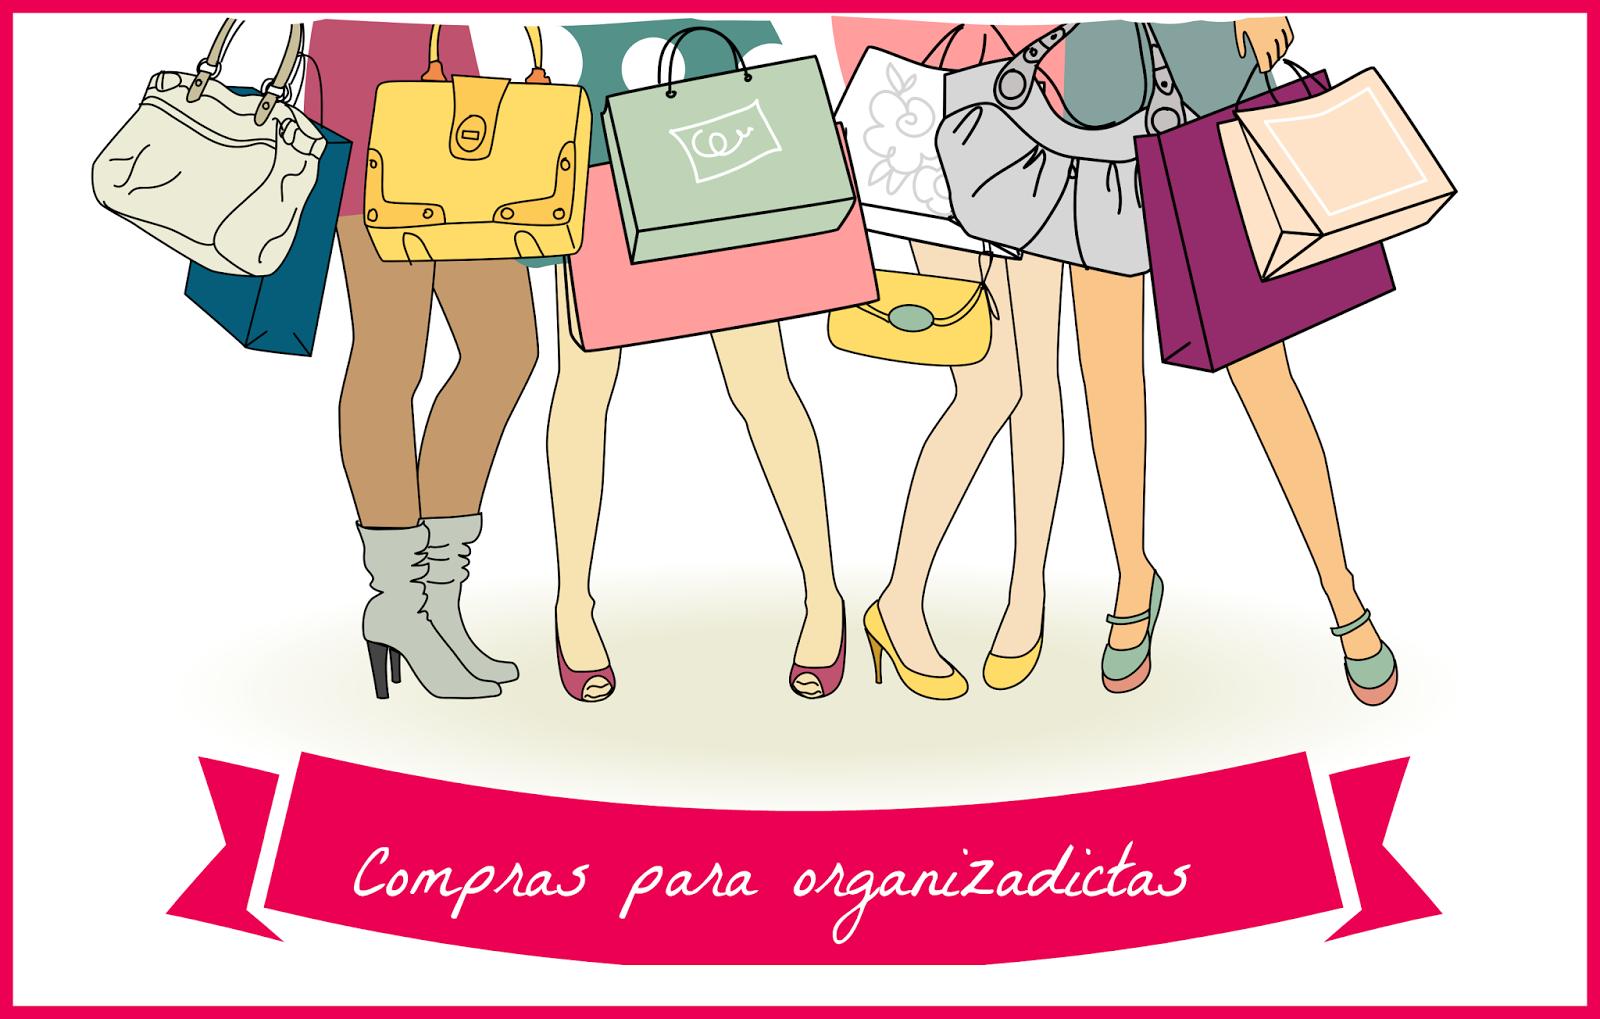 compras para organizadictas